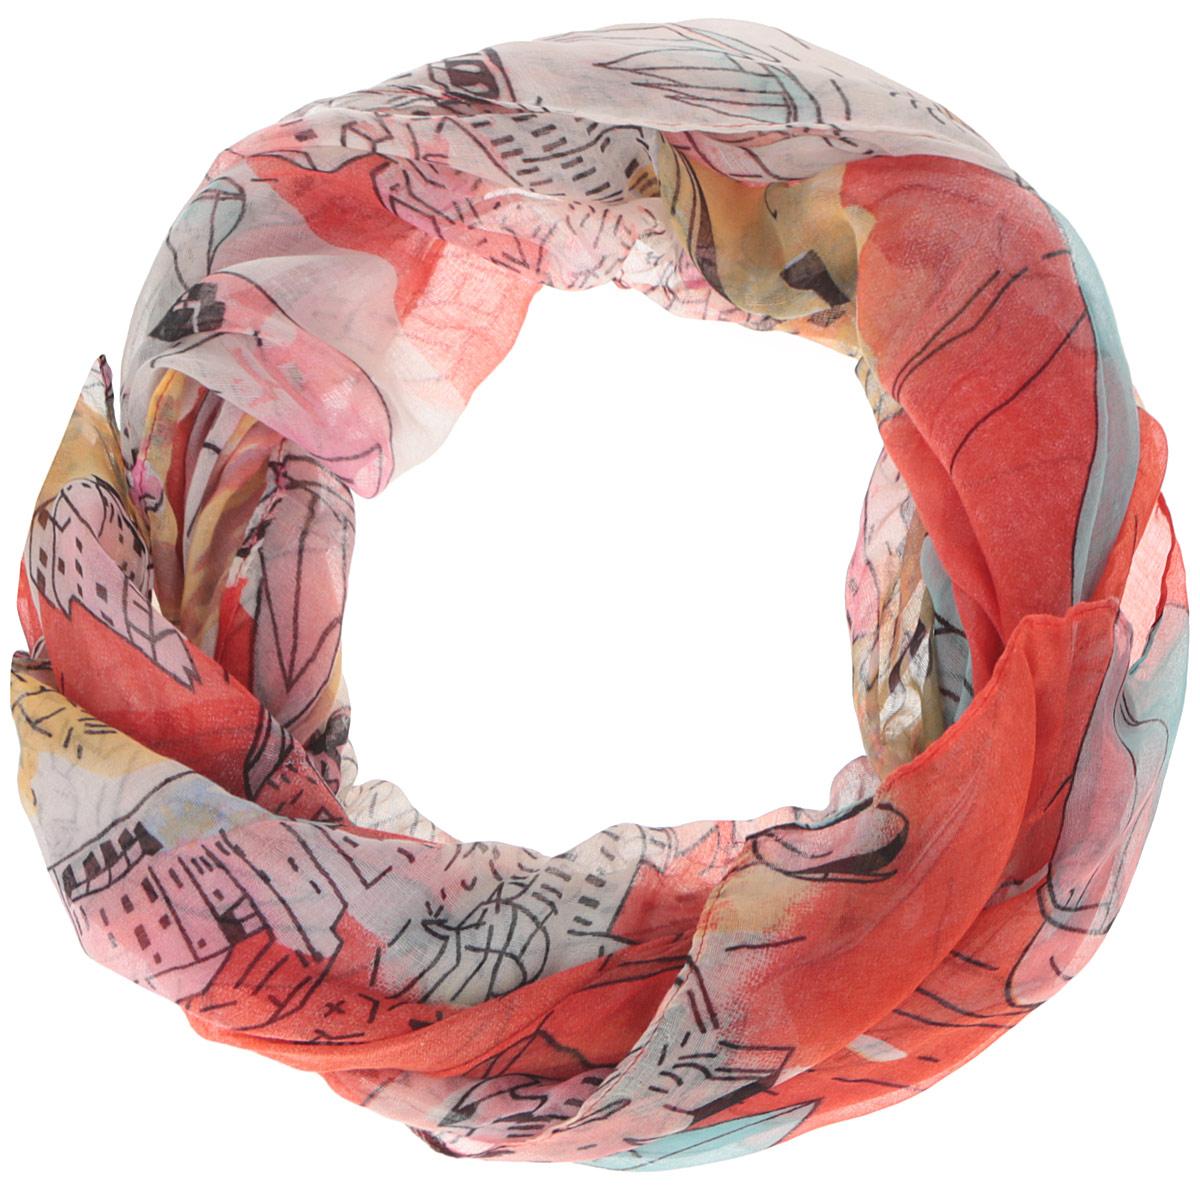 ШарфJH627-6Модный женский шарф Fabretti подарит вам уют и станет стильным аксессуаром, который призван подчеркнуть вашу индивидуальность и женственность. Тонкий шарф выполнен из высококачественной 100% вискозы, он невероятно мягкий и приятный на ощупь. Шарф оформлен сложным узором с изображением парусников и домов. Этот модный аксессуар гармонично дополнит образ современной женщины, следящей за своим имиджем и стремящейся всегда оставаться стильной и элегантной. Такой шарф украсит любой наряд и согреет вас в непогоду, с ним вы всегда будете выглядеть изысканно и оригинально.